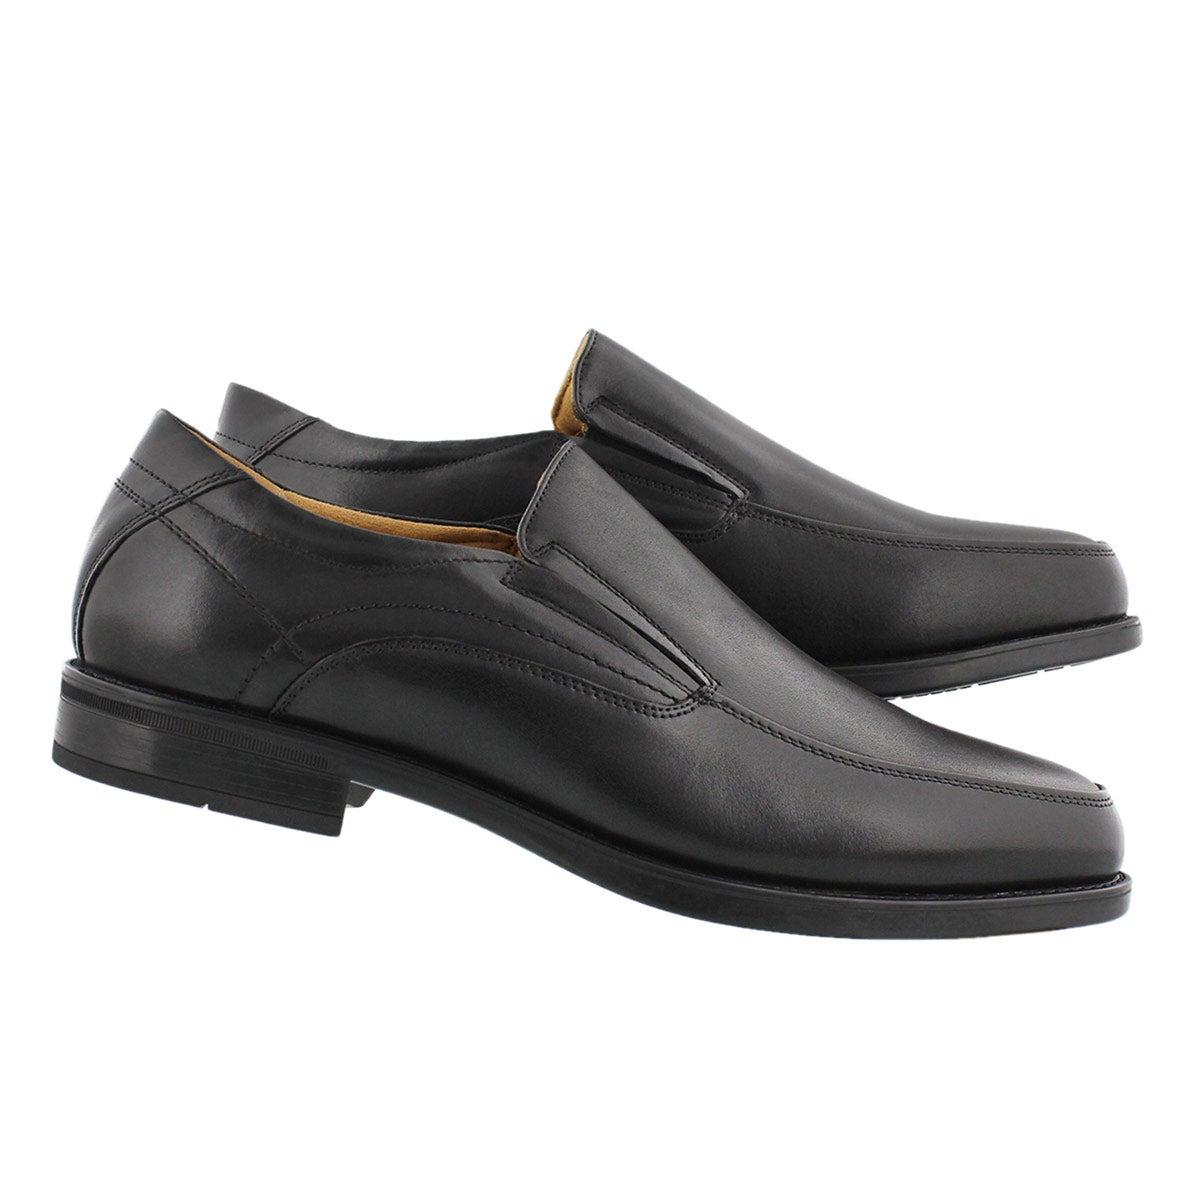 Mns Midtown Moc Slip blk dress shoe-wide